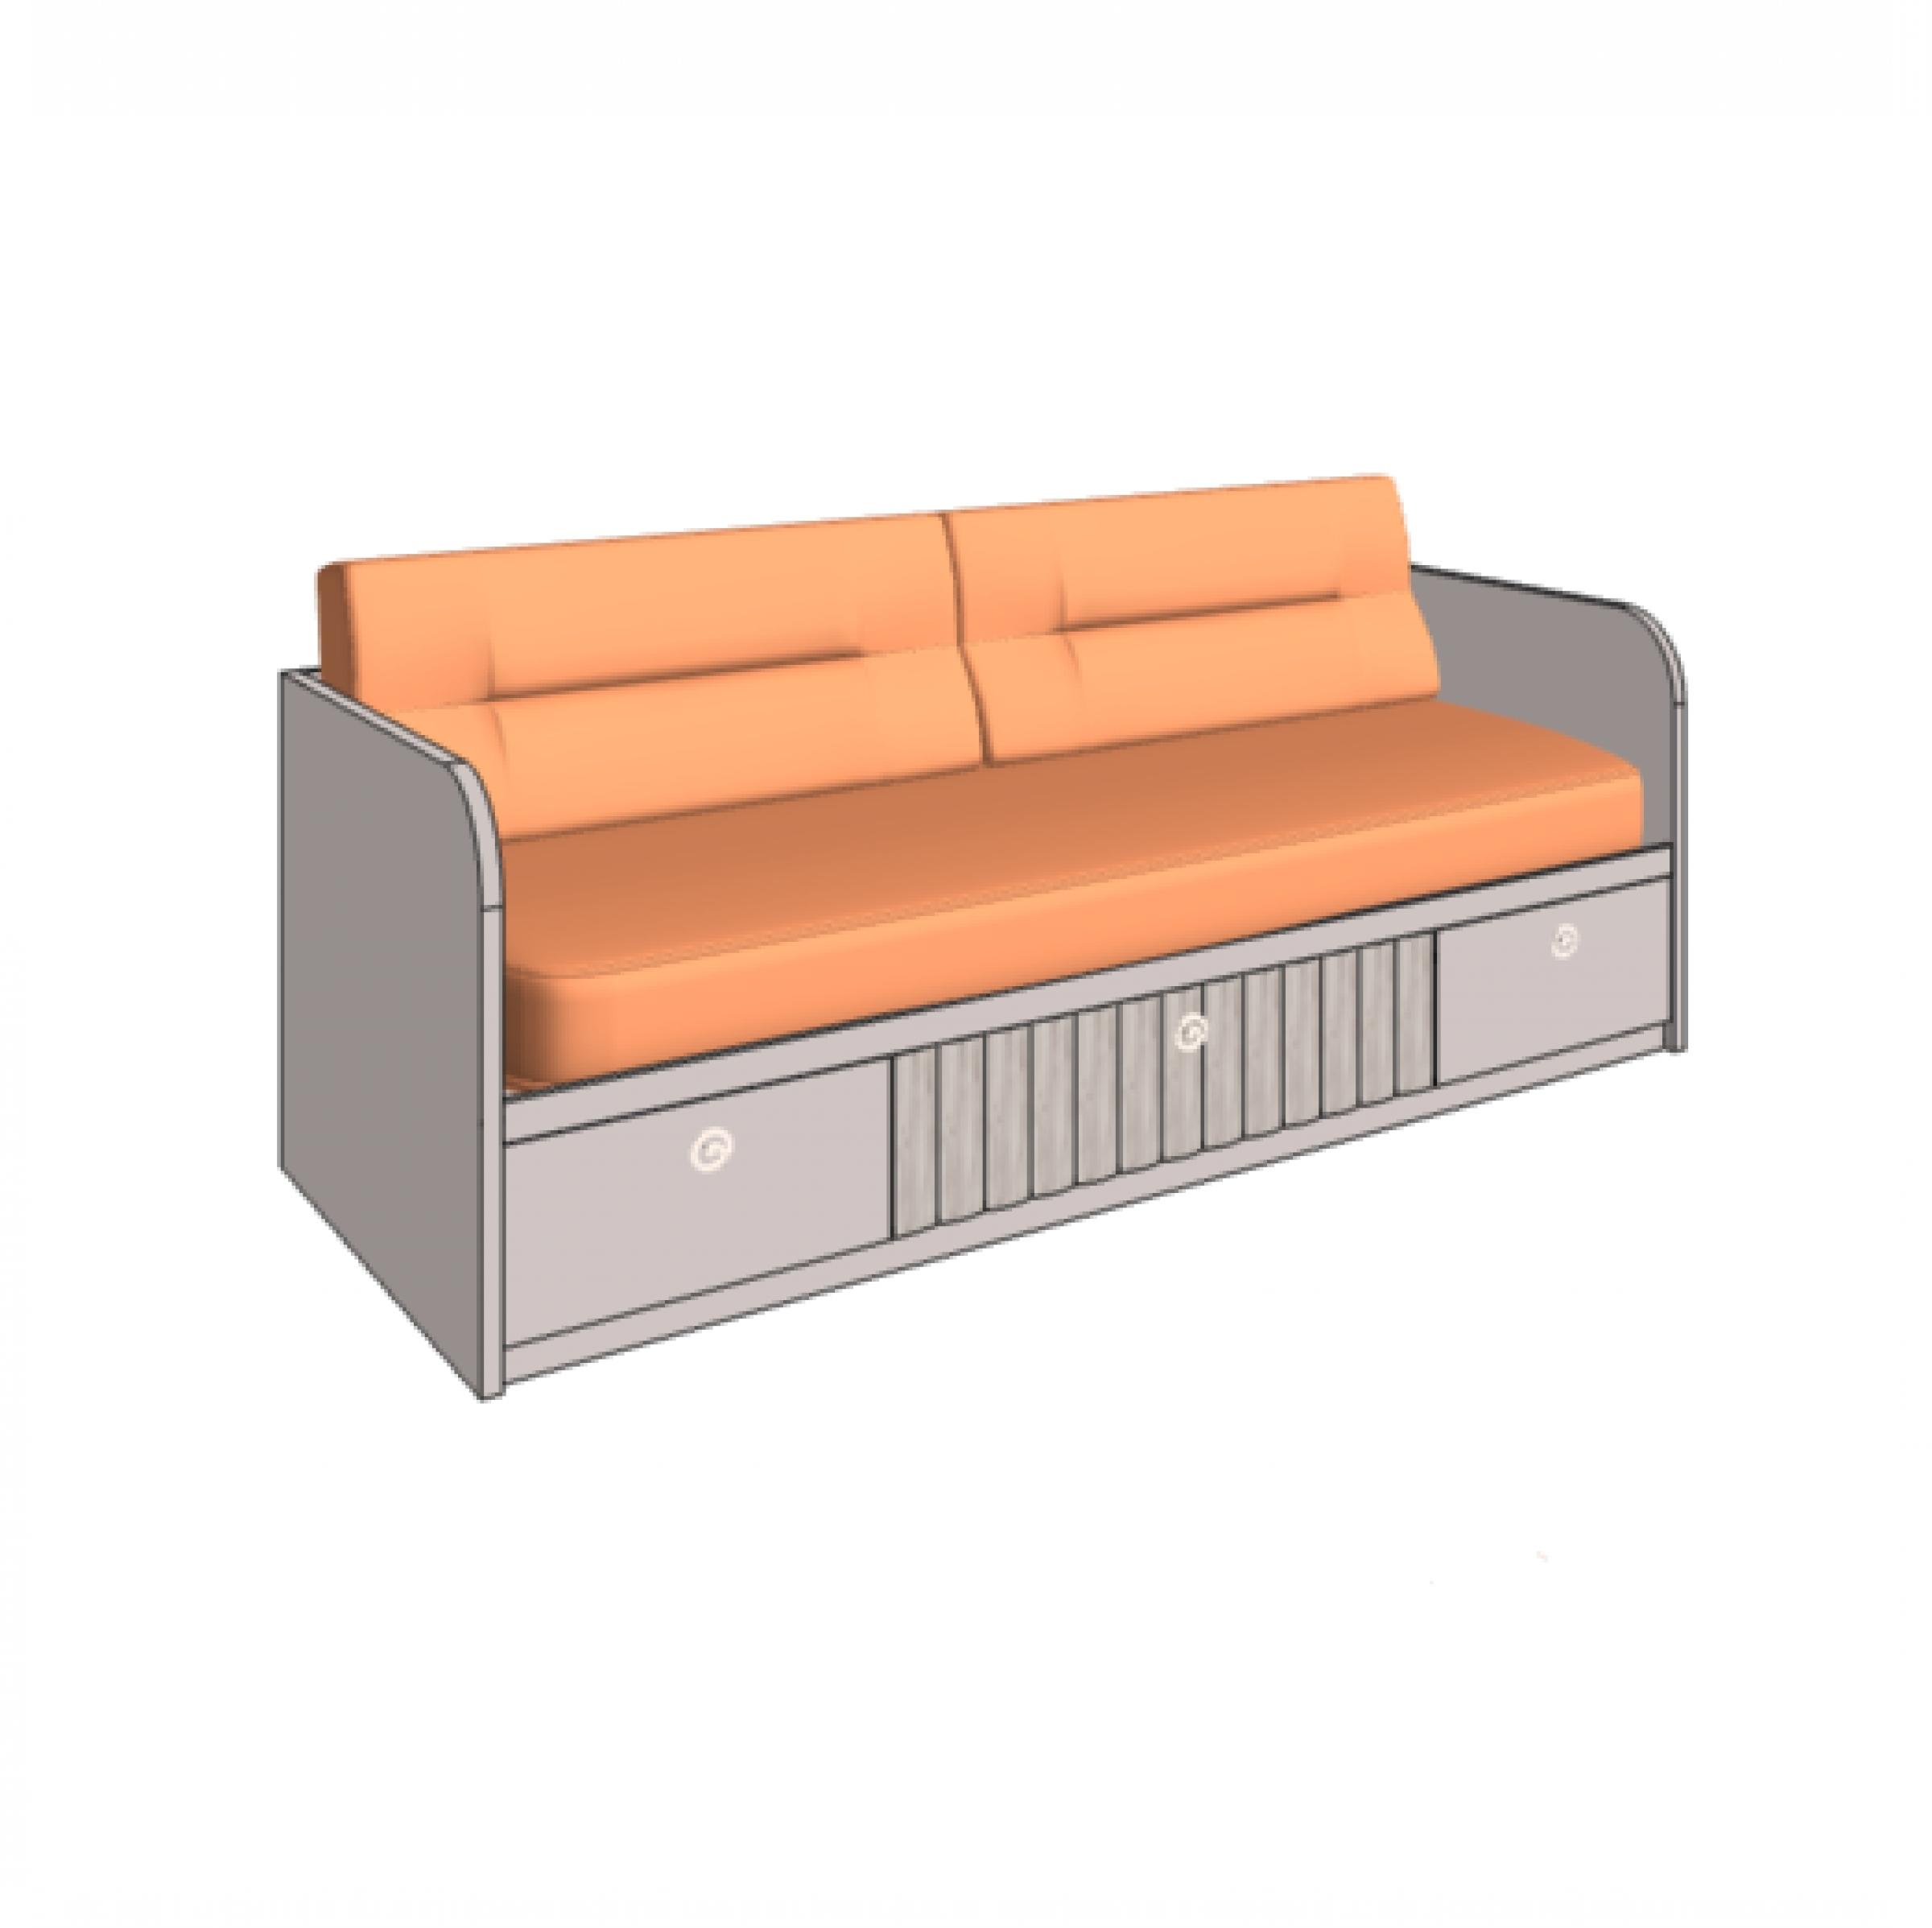 Klюkva кровать - диван VELVET с 3-мя ящиками, 2 технические боковины. арт: VD1Q